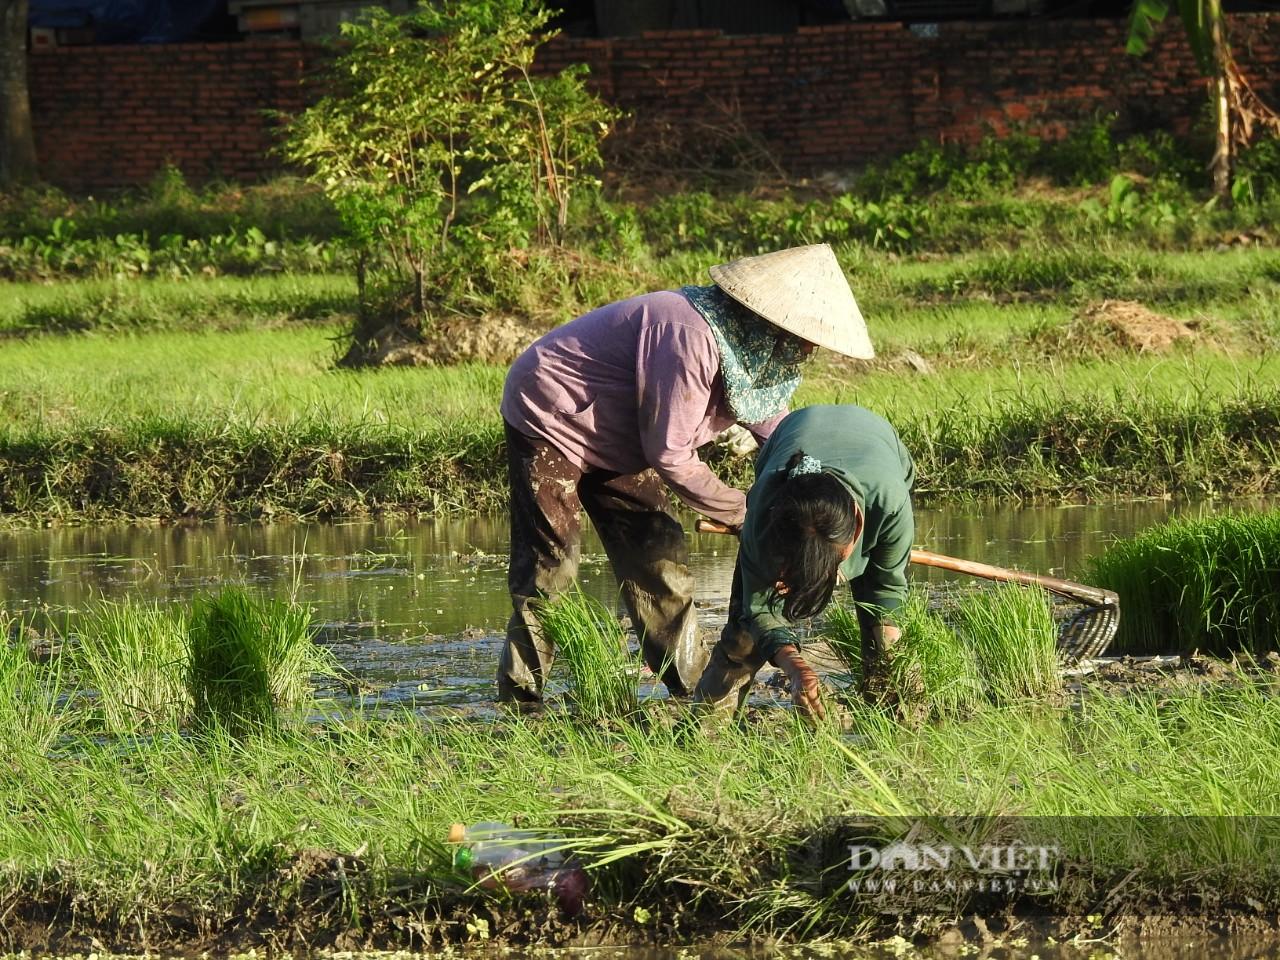 Hà tĩnh: Nông dân tích cực phục hồi sản xuất vụ Hè Thu sau bão số 2 - Ảnh 7.